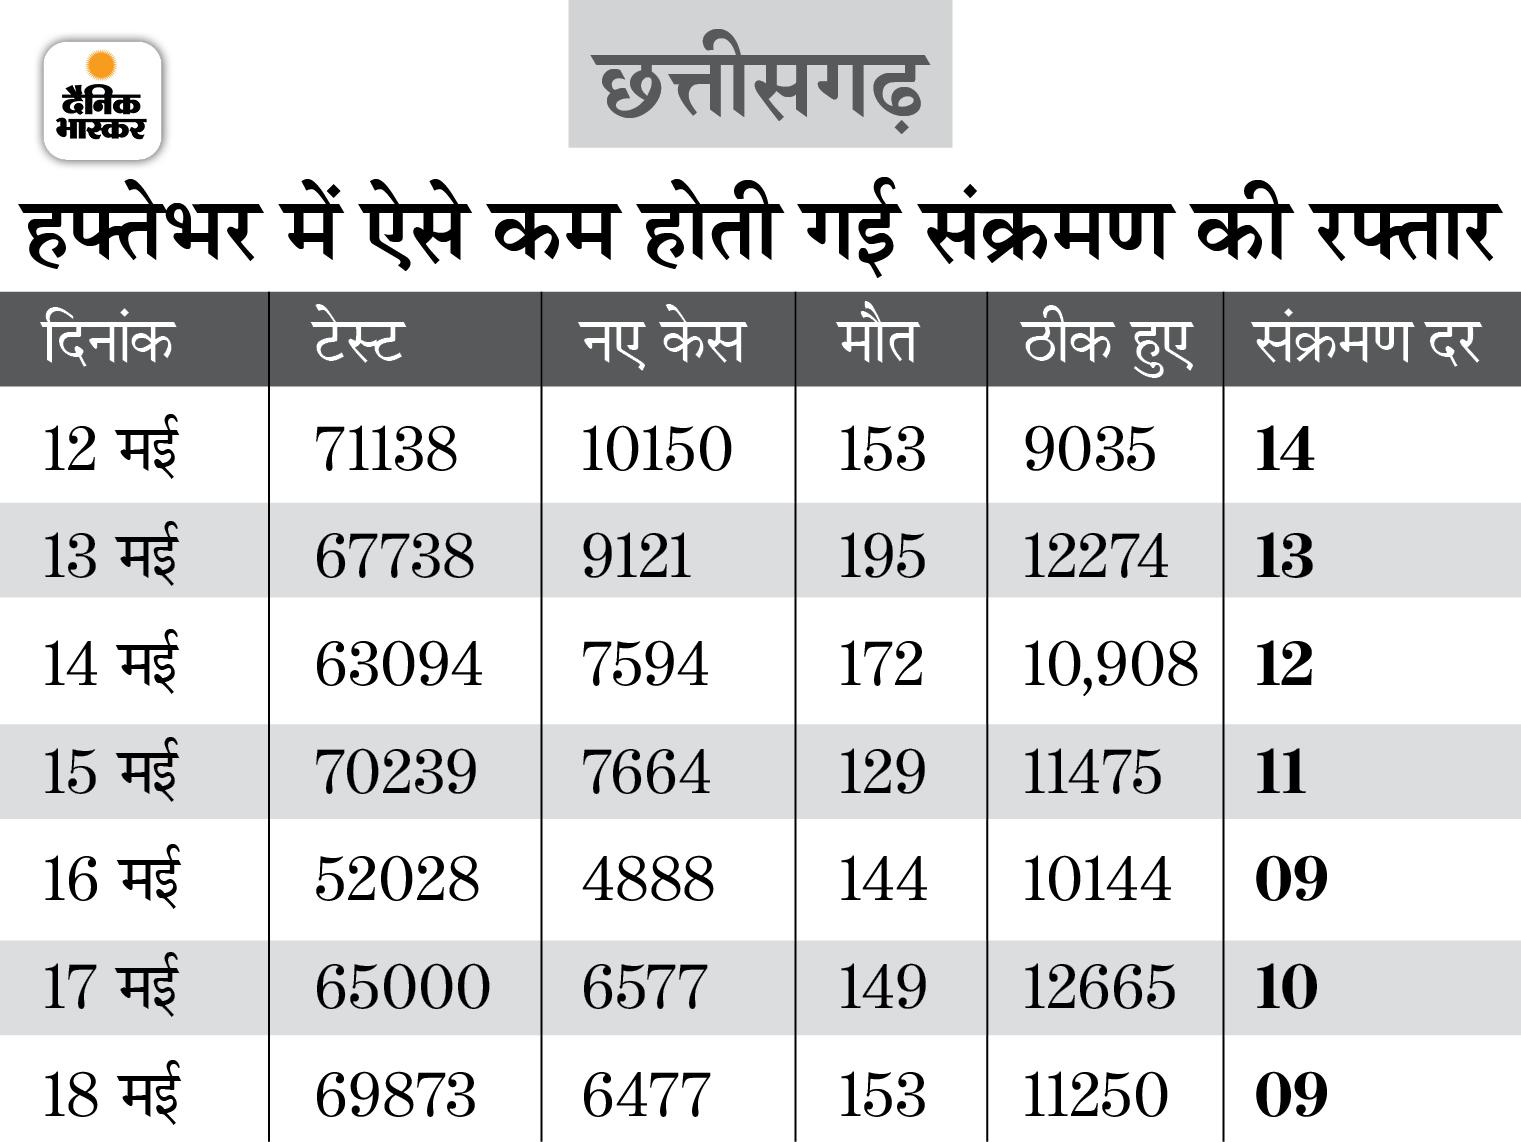 बस्तर में पहली बार एक दिन में कोरोना पीड़ित 15 मरीजों की मौत, छत्तीसगढ़ में 153 लोगों की जान गई रायपुर,Raipur - Dainik Bhaskar